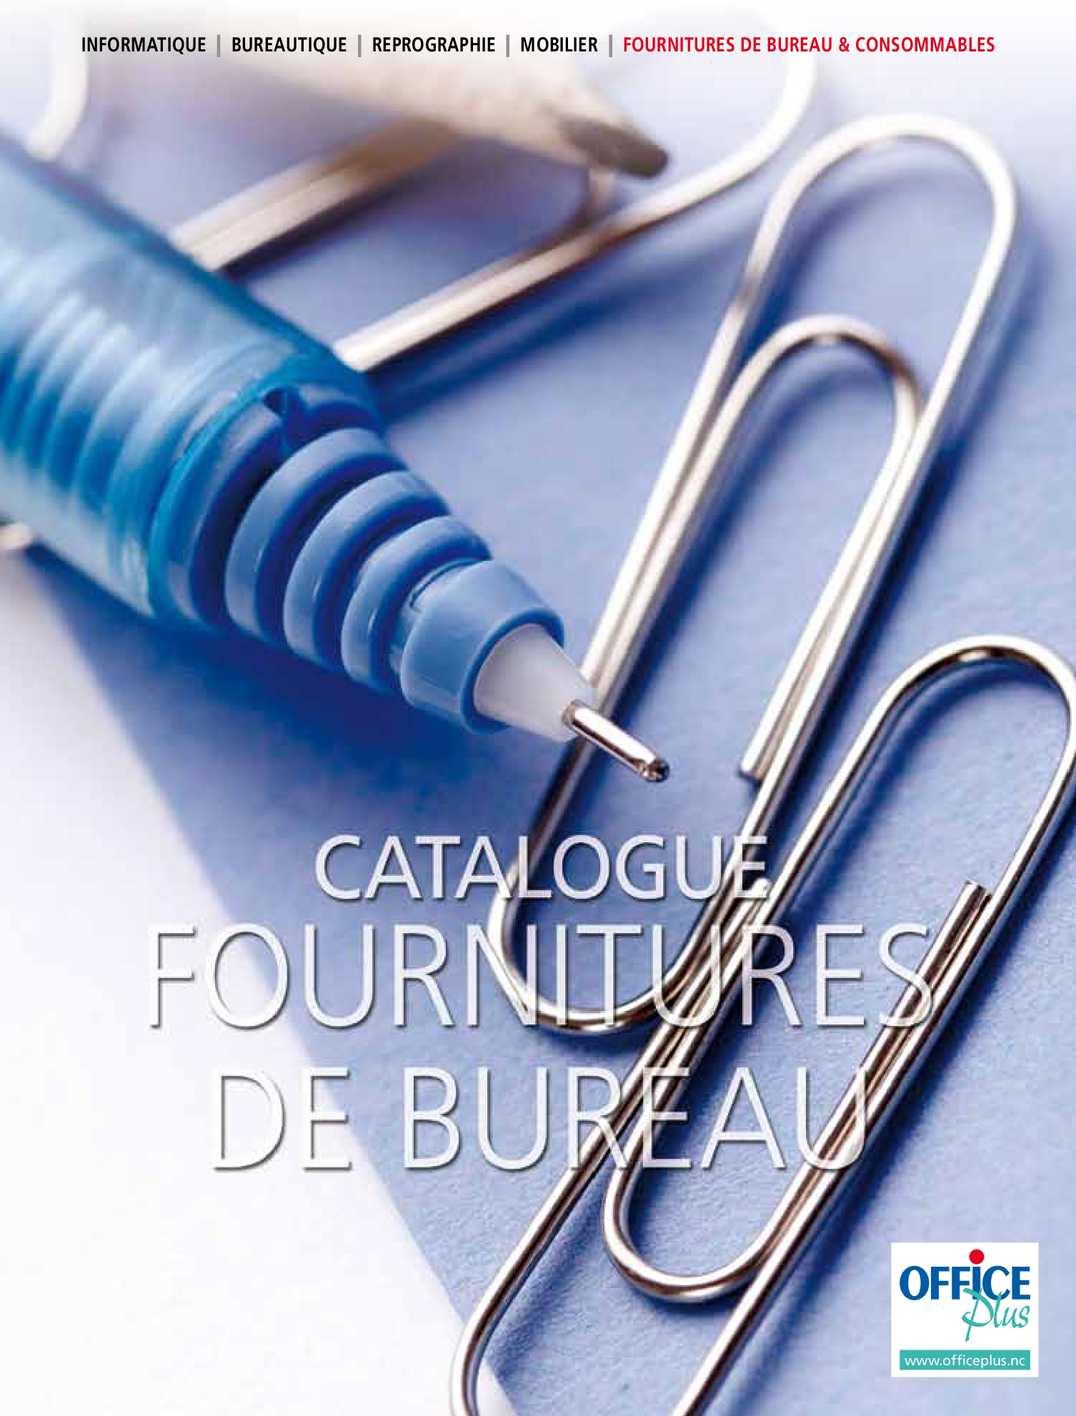 Calam o catalogue office plus de fournitures de bureau for Bureautique fourniture bureau